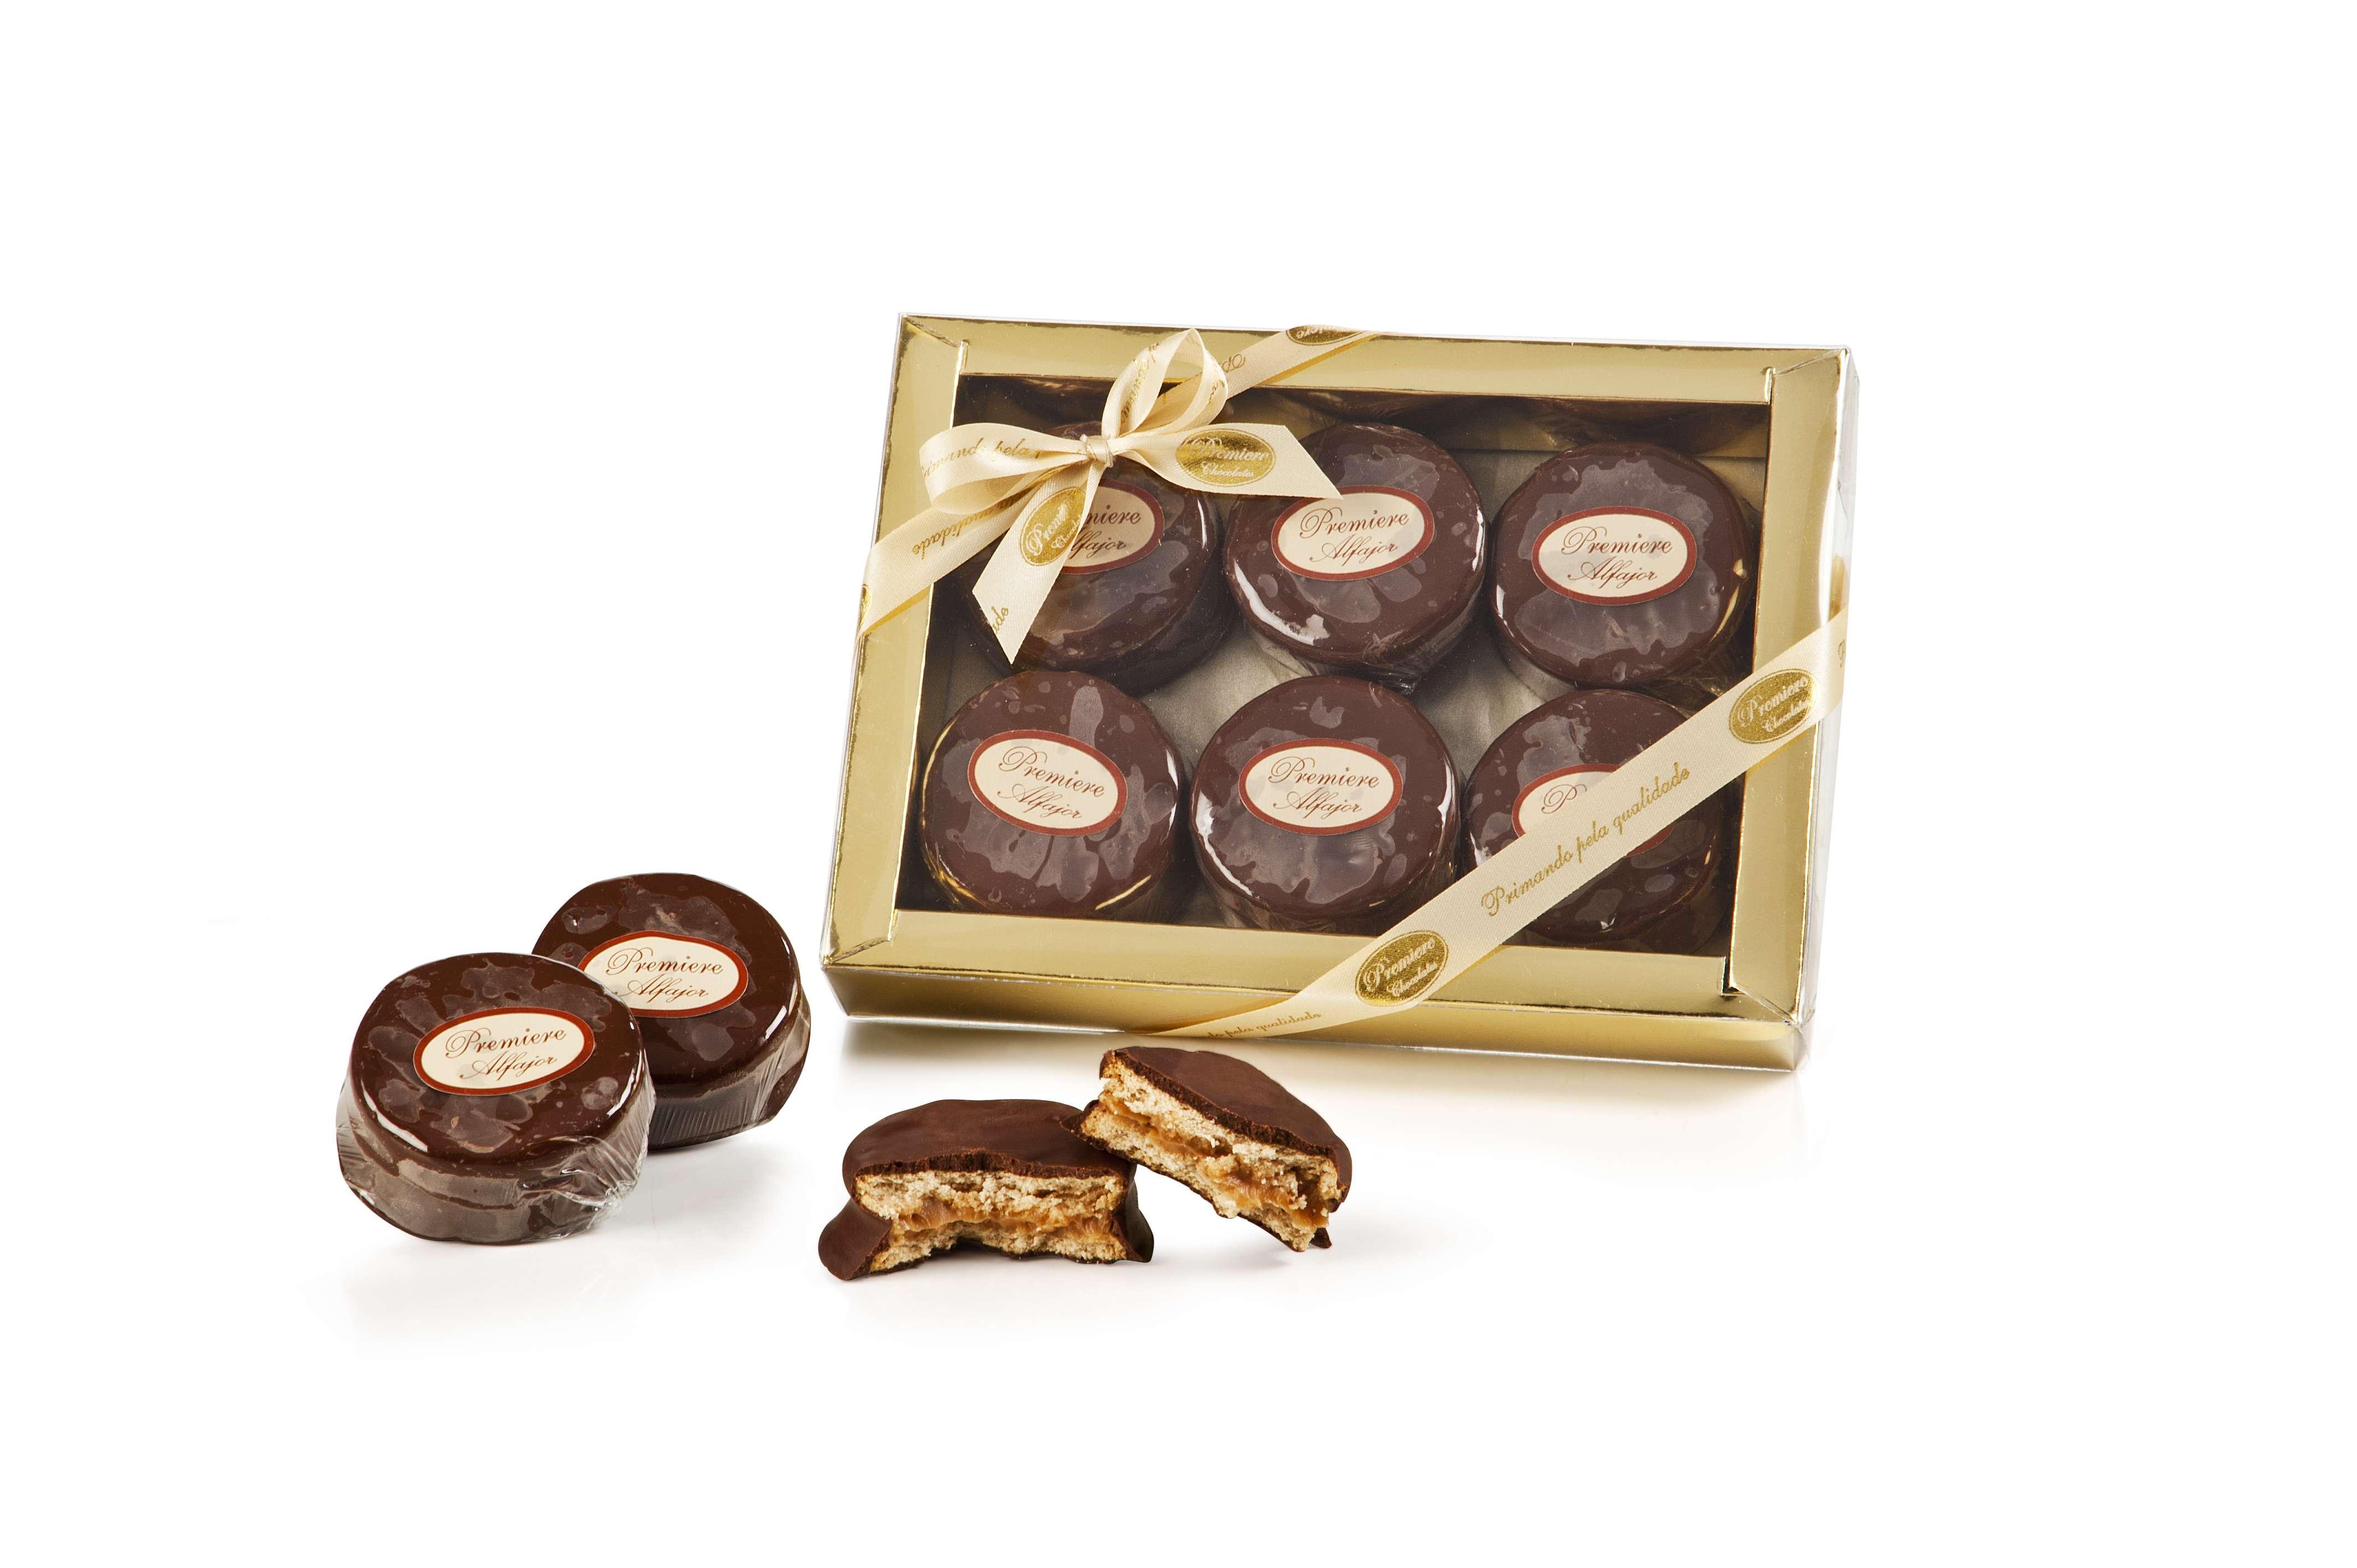 Butique de chocolates atrai famosos